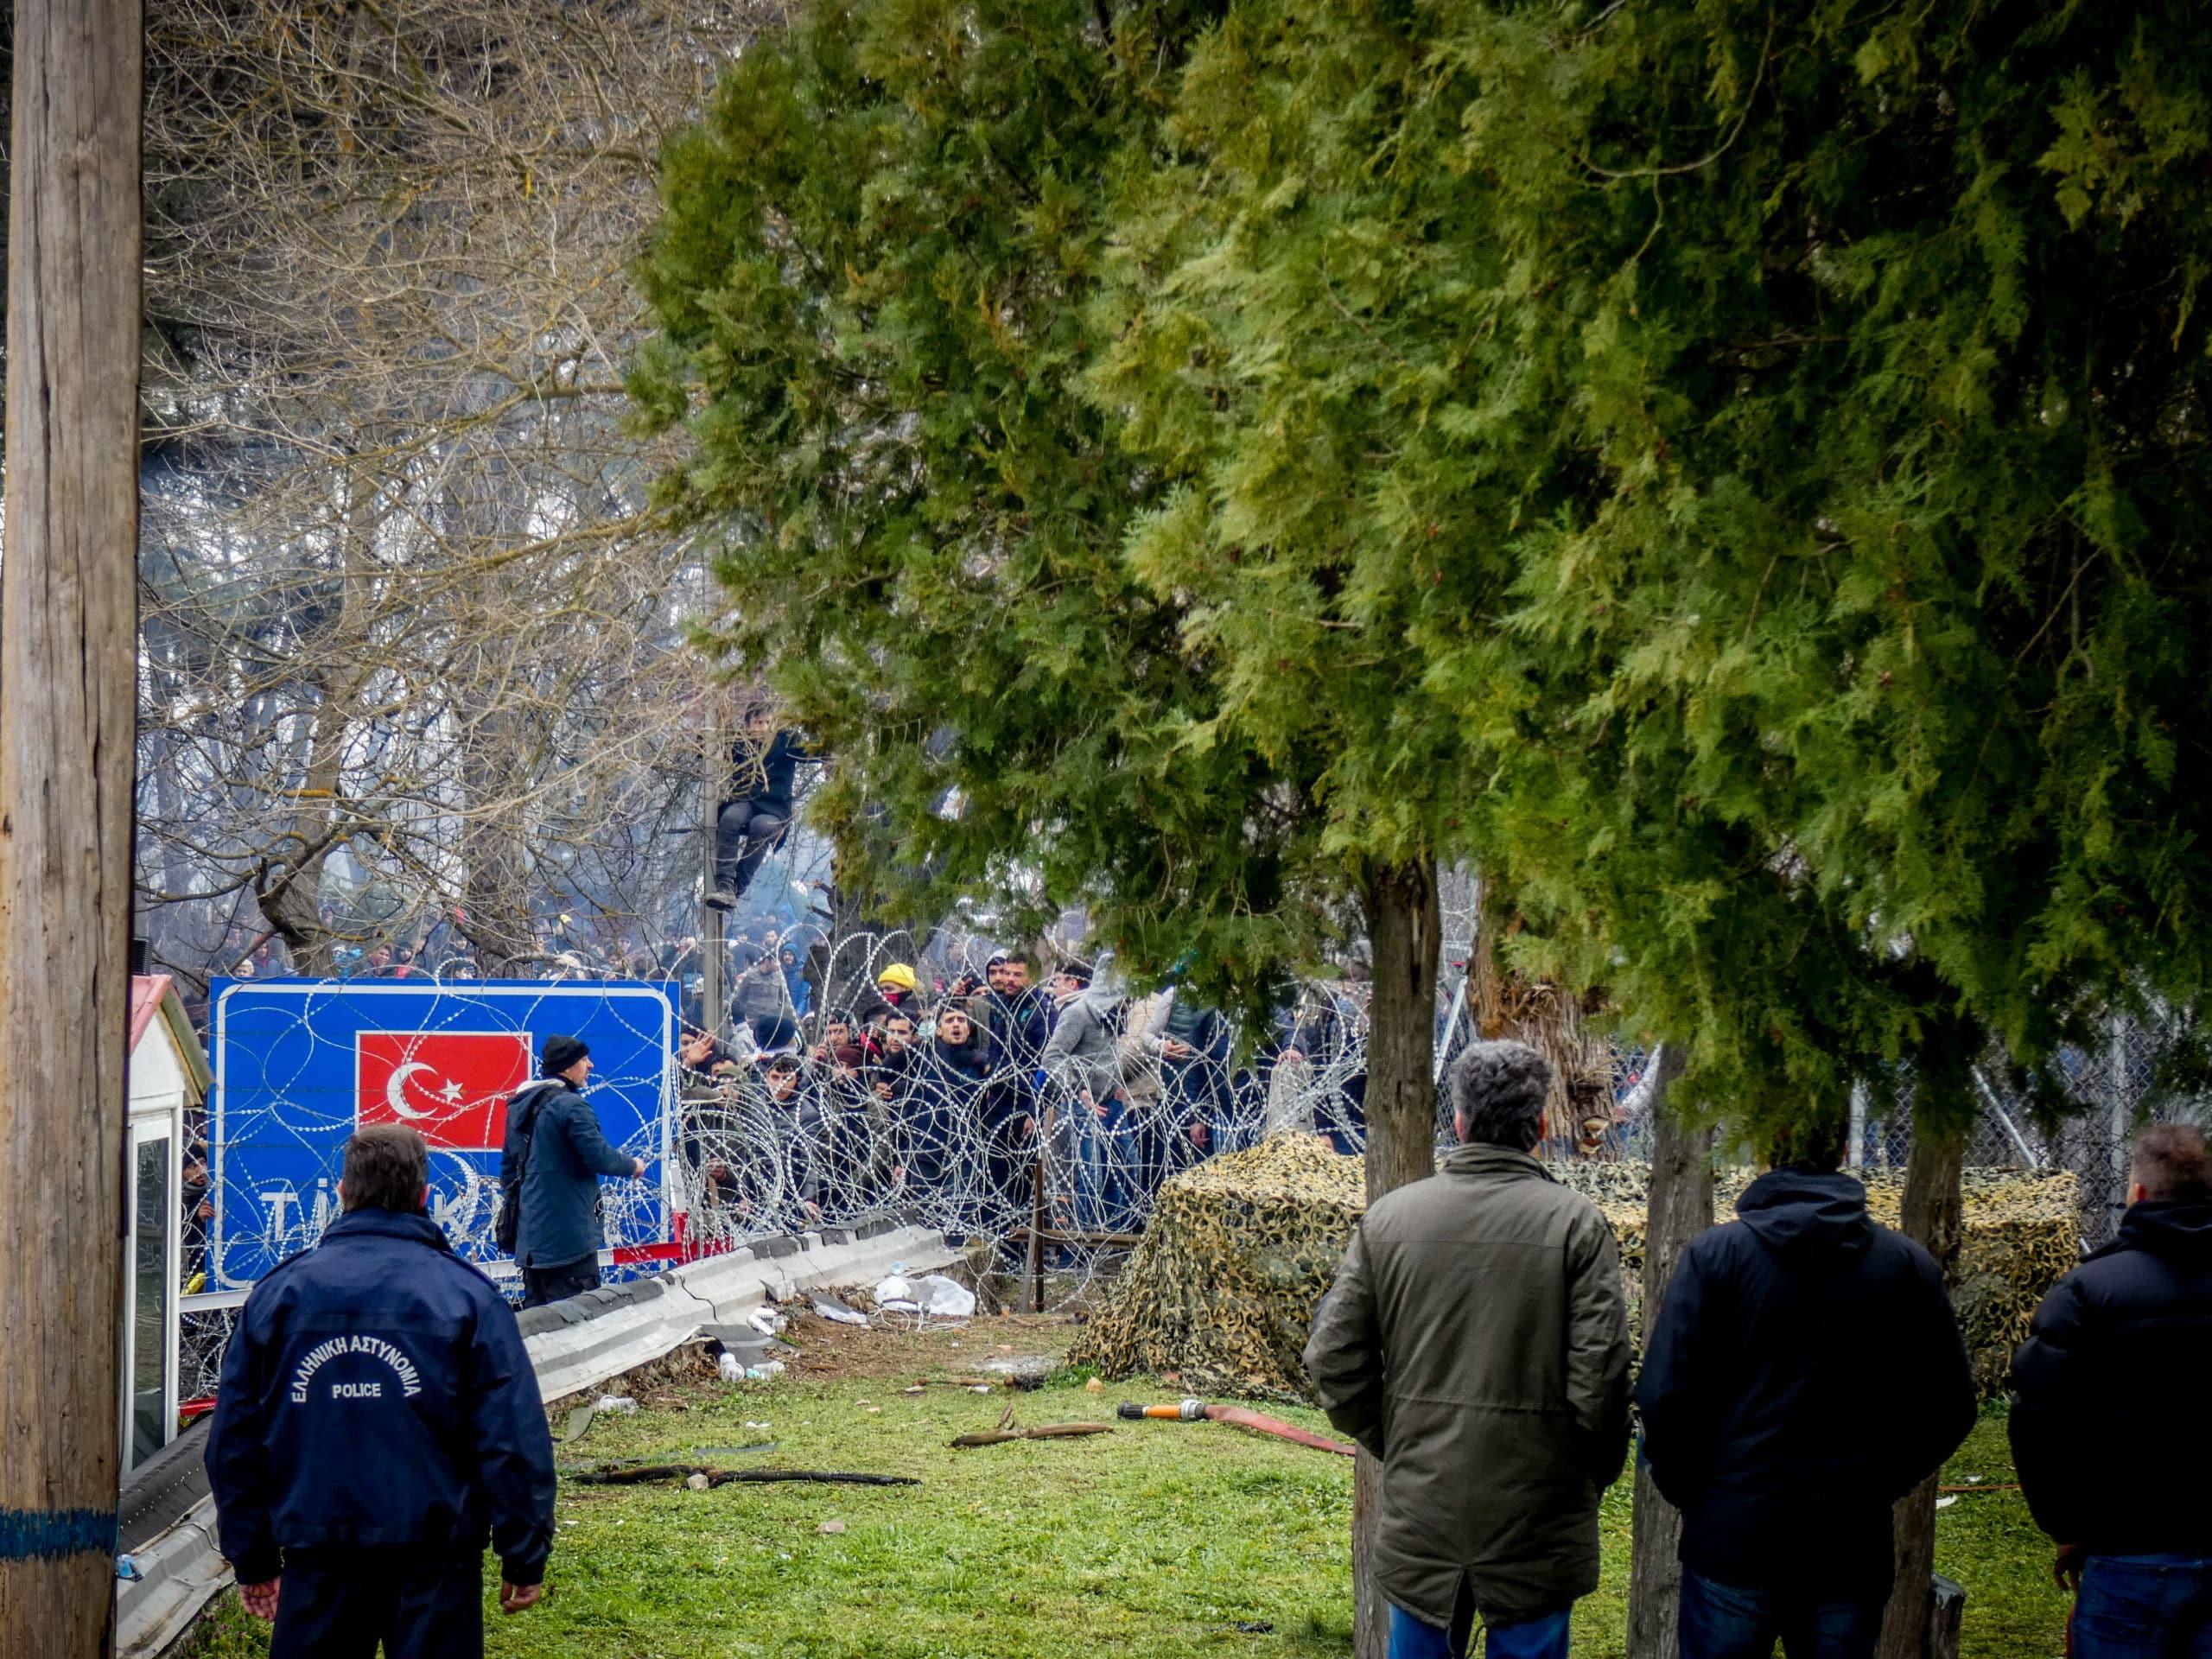 Έβρος ΤΩΡΑ: Η Τουρκία συγκεντρώνει στρατεύματα στις Φέρες Έβρος: Τι συμβαίνει στις Καστανιές - Αποκάλυψη